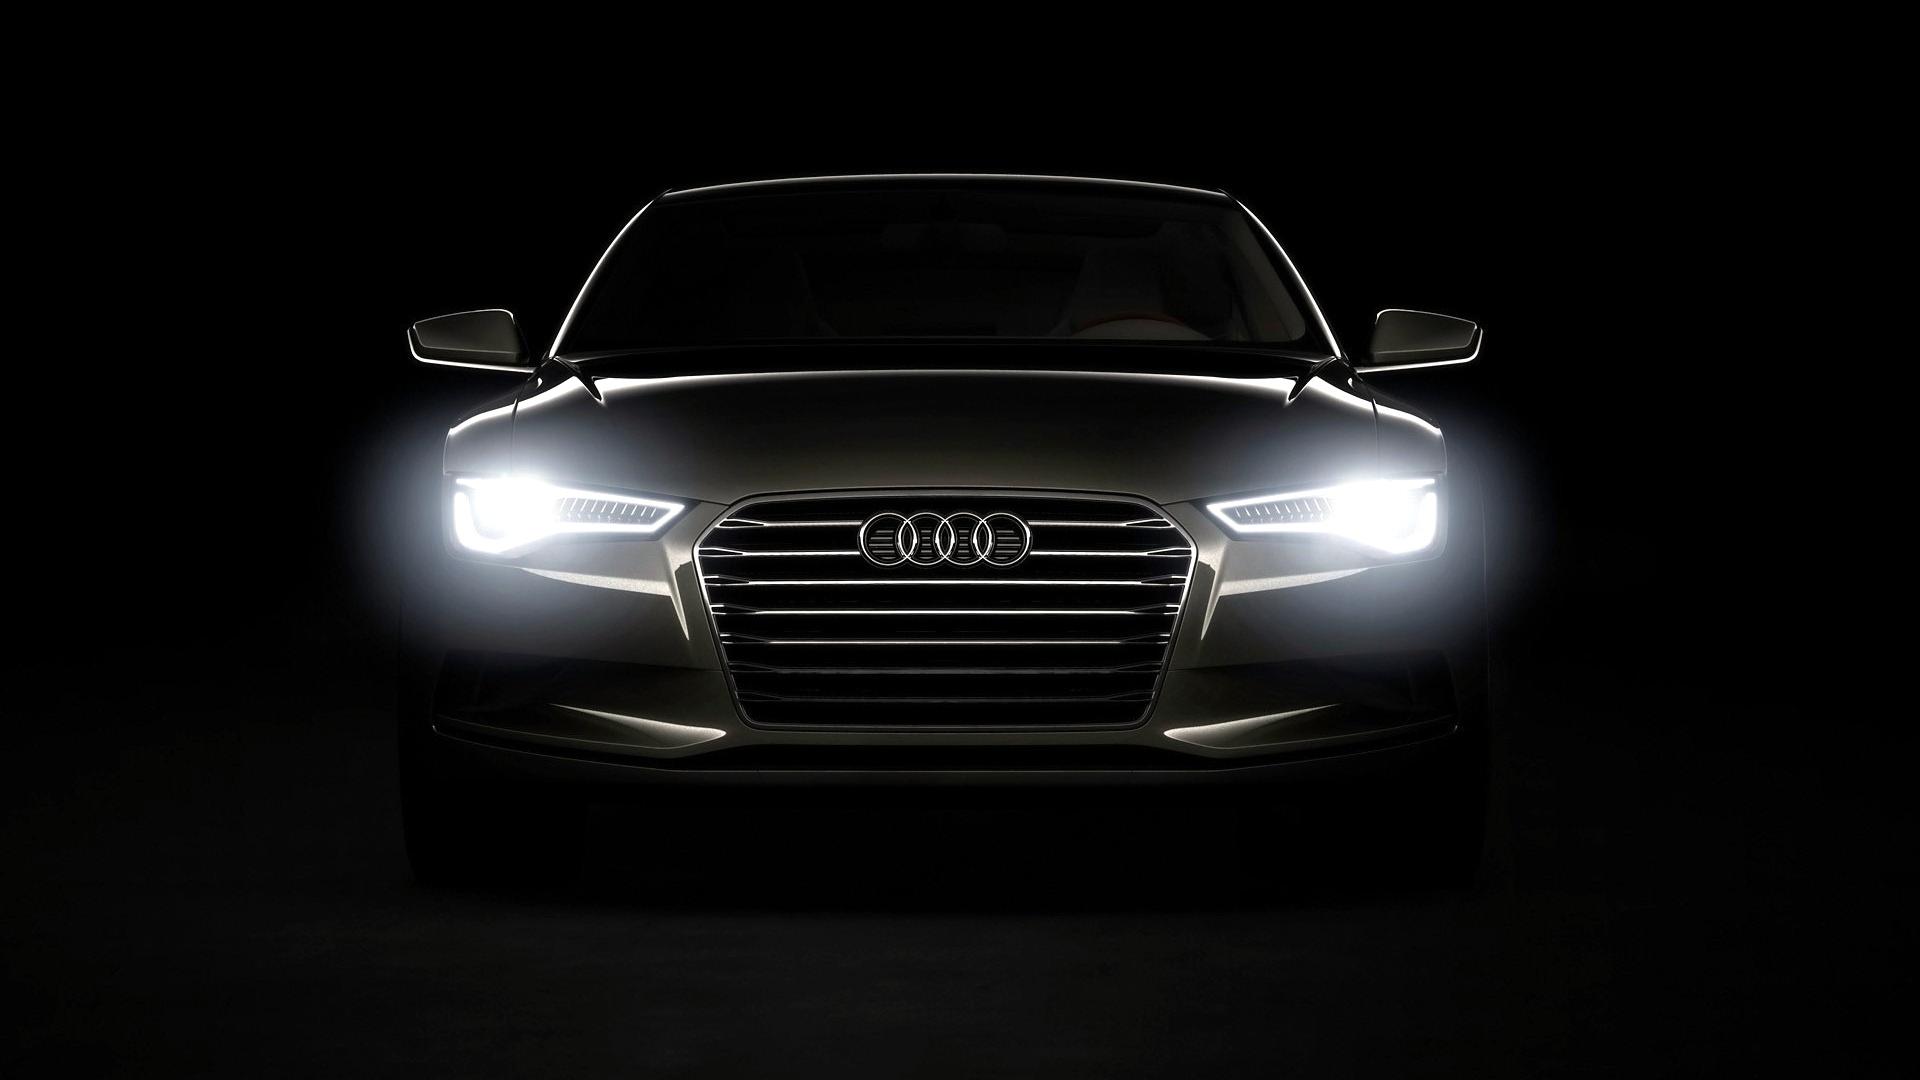 Audi Wallpapers for Desktop - WallpaperSafari